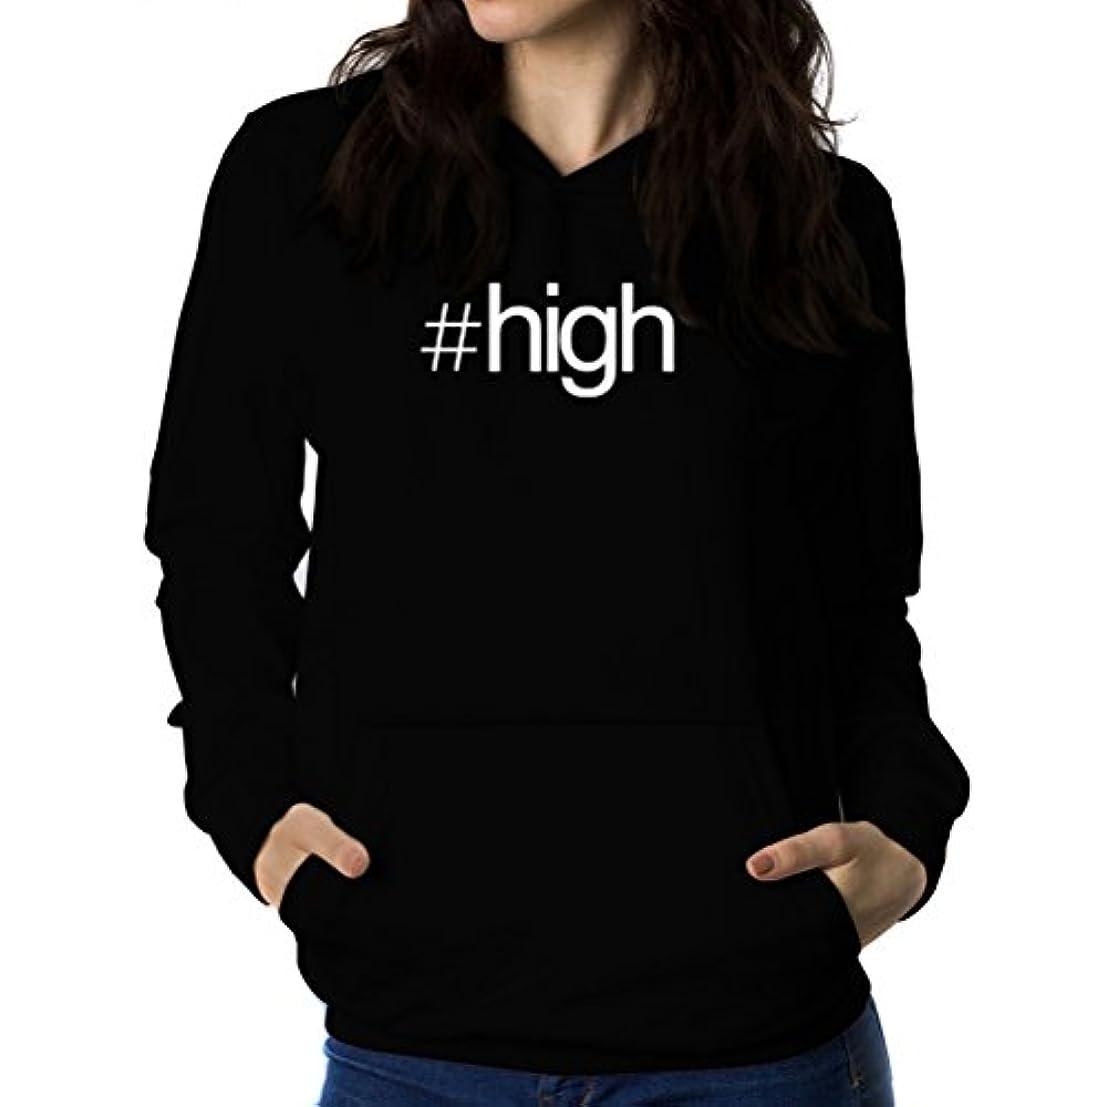 友だち価格事業内容Hashtag high 女性 フーディー